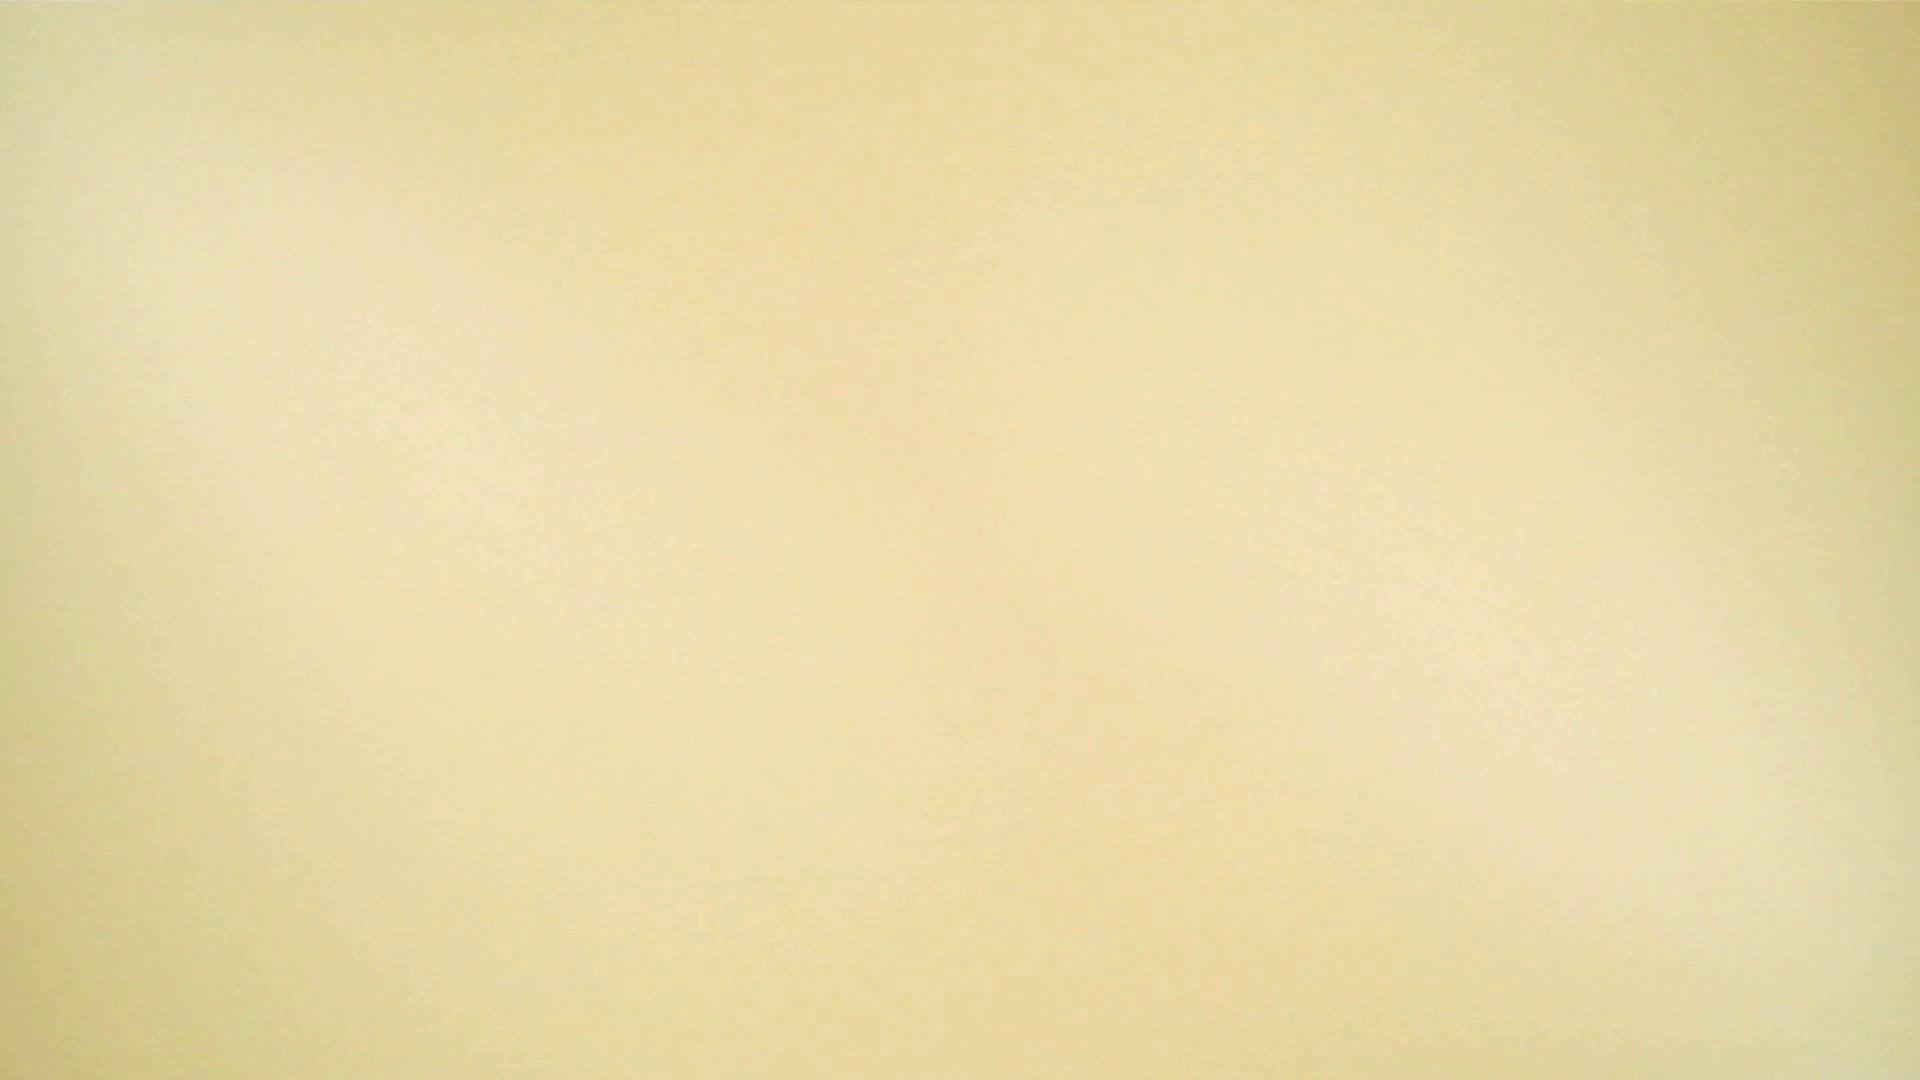 お市さんの「お尻丸出しジャンボリー」No.2 ギャル攻め エロ無料画像 109画像 79